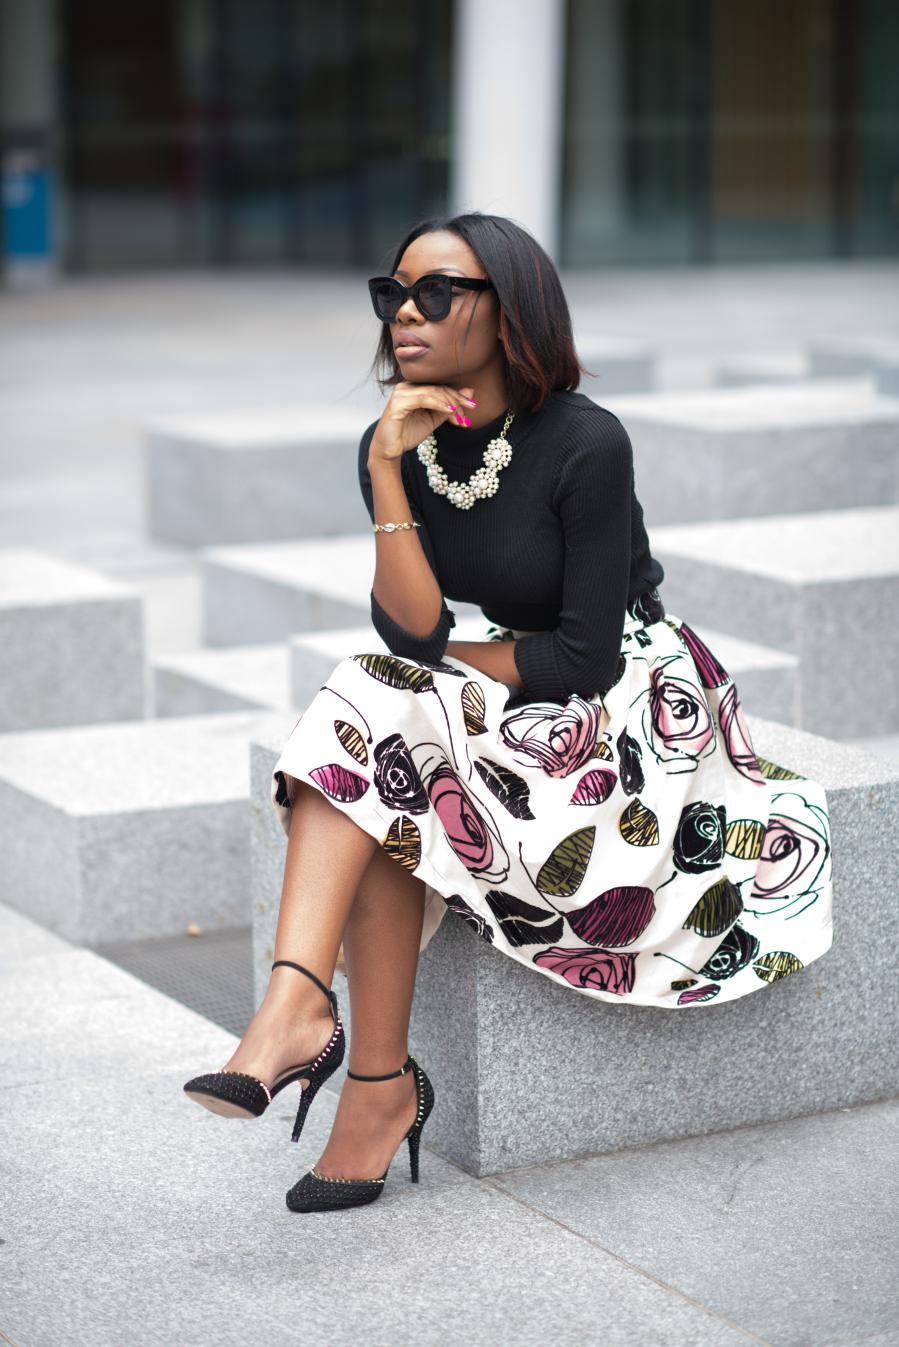 alex-blog-24oct15-outfit2-2.jpg